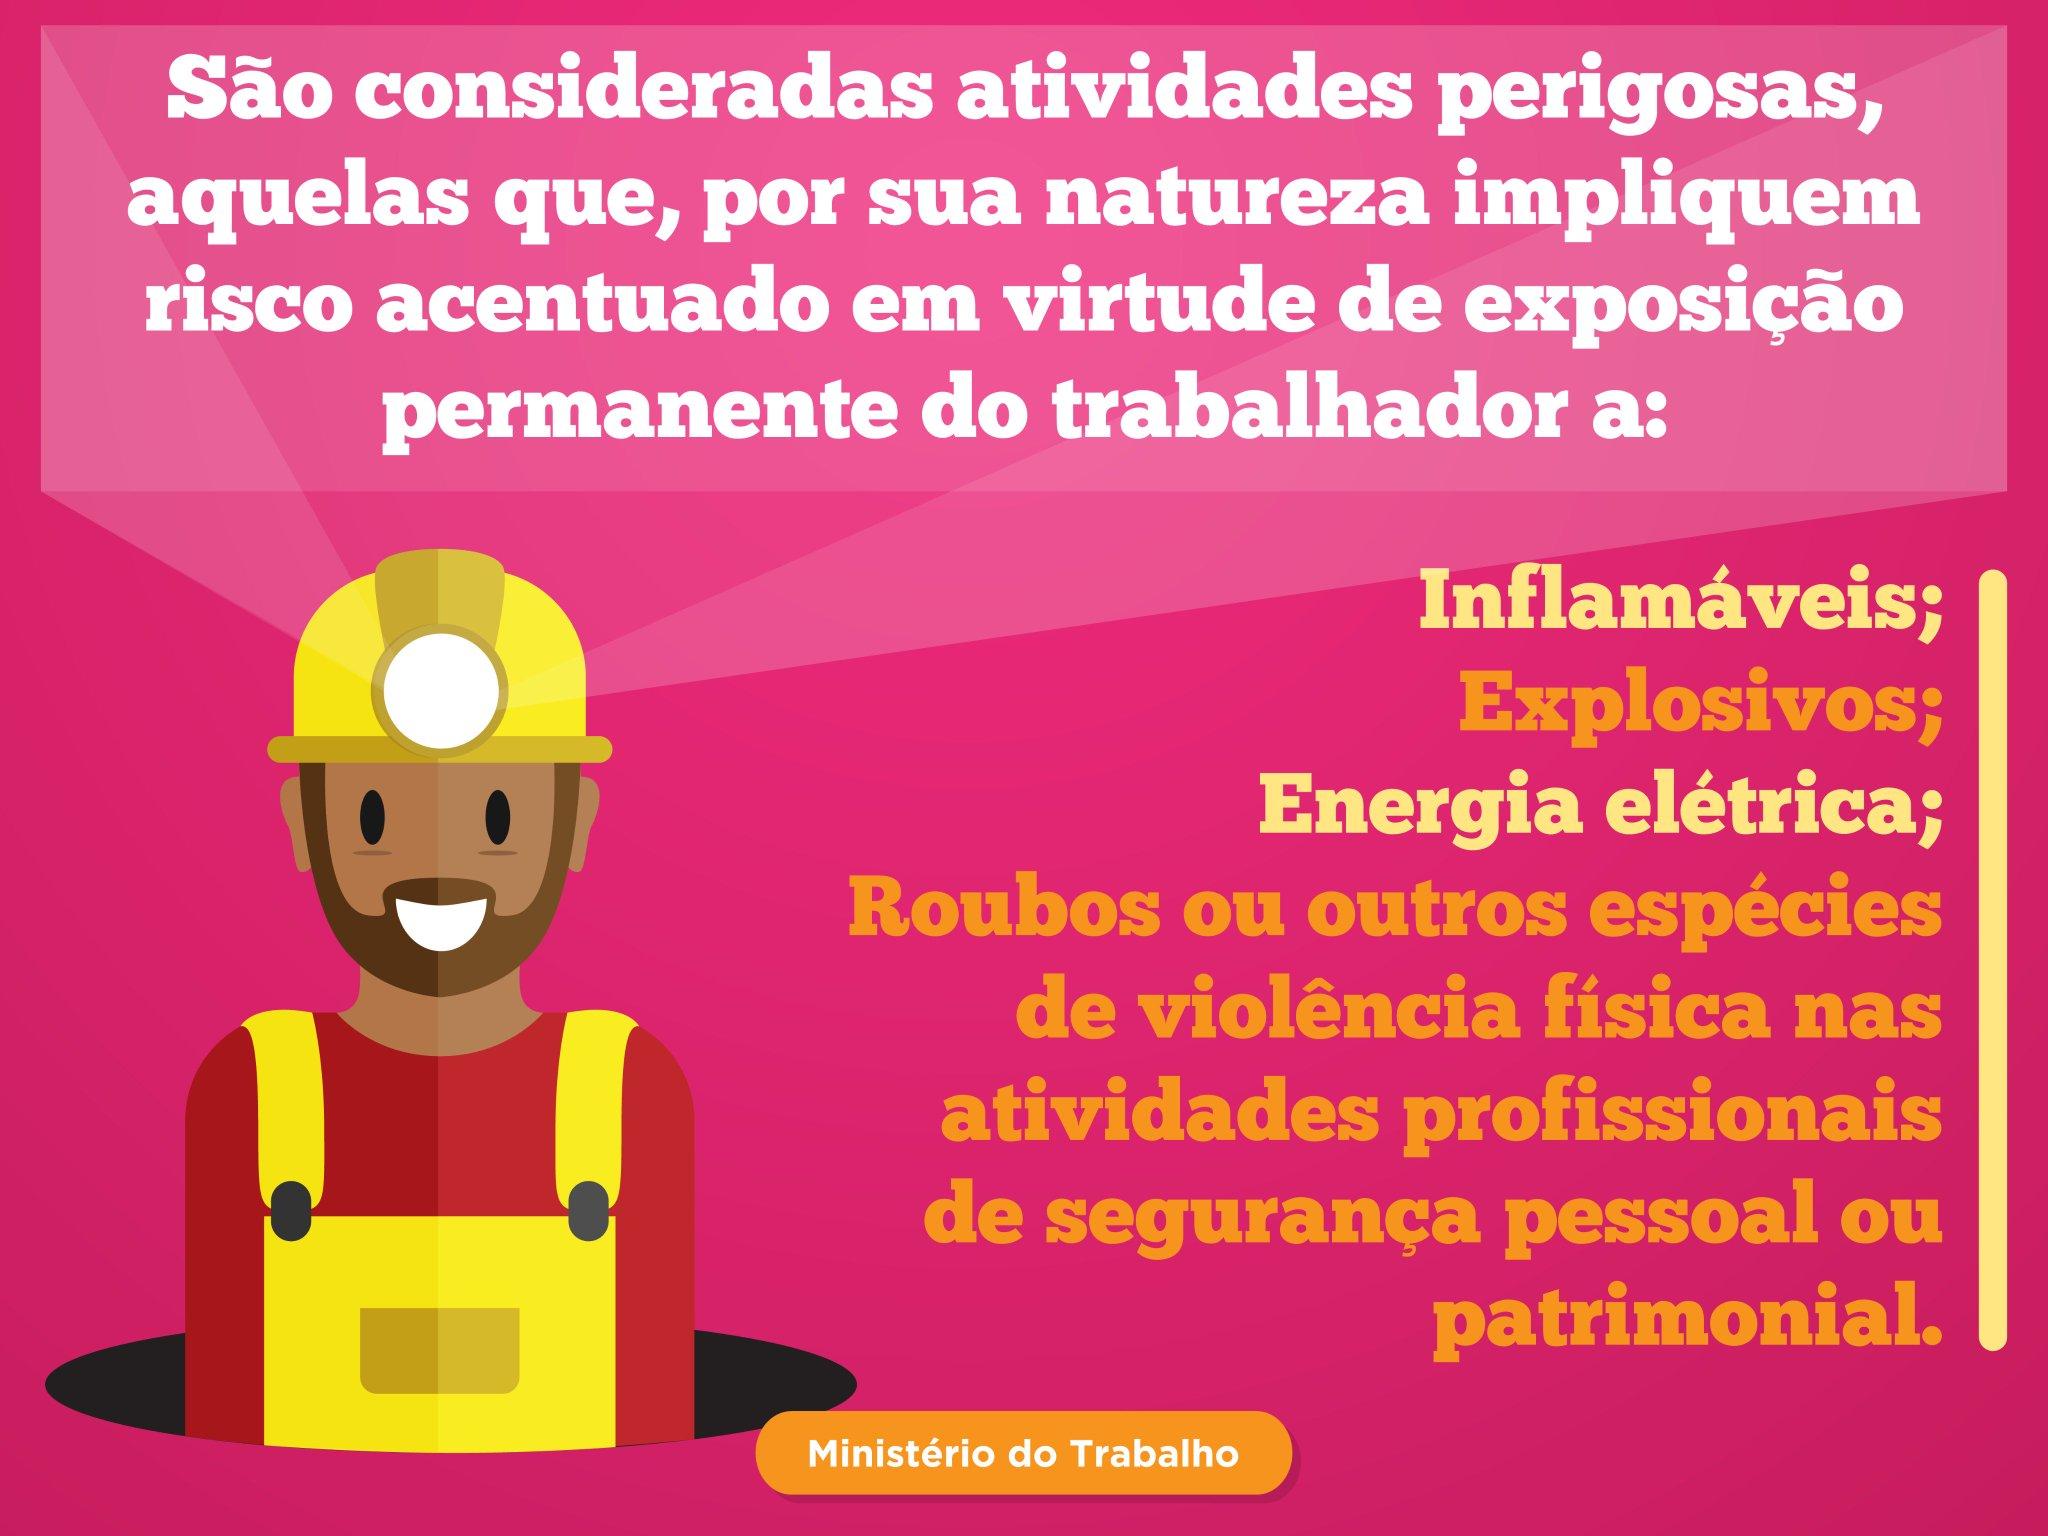 #DireitosDoTrabalhador | Existem situações em que o trabalhador tem direito ao Adicional de Periculosidade. Confira! https://t.co/MK1VMN13Xs